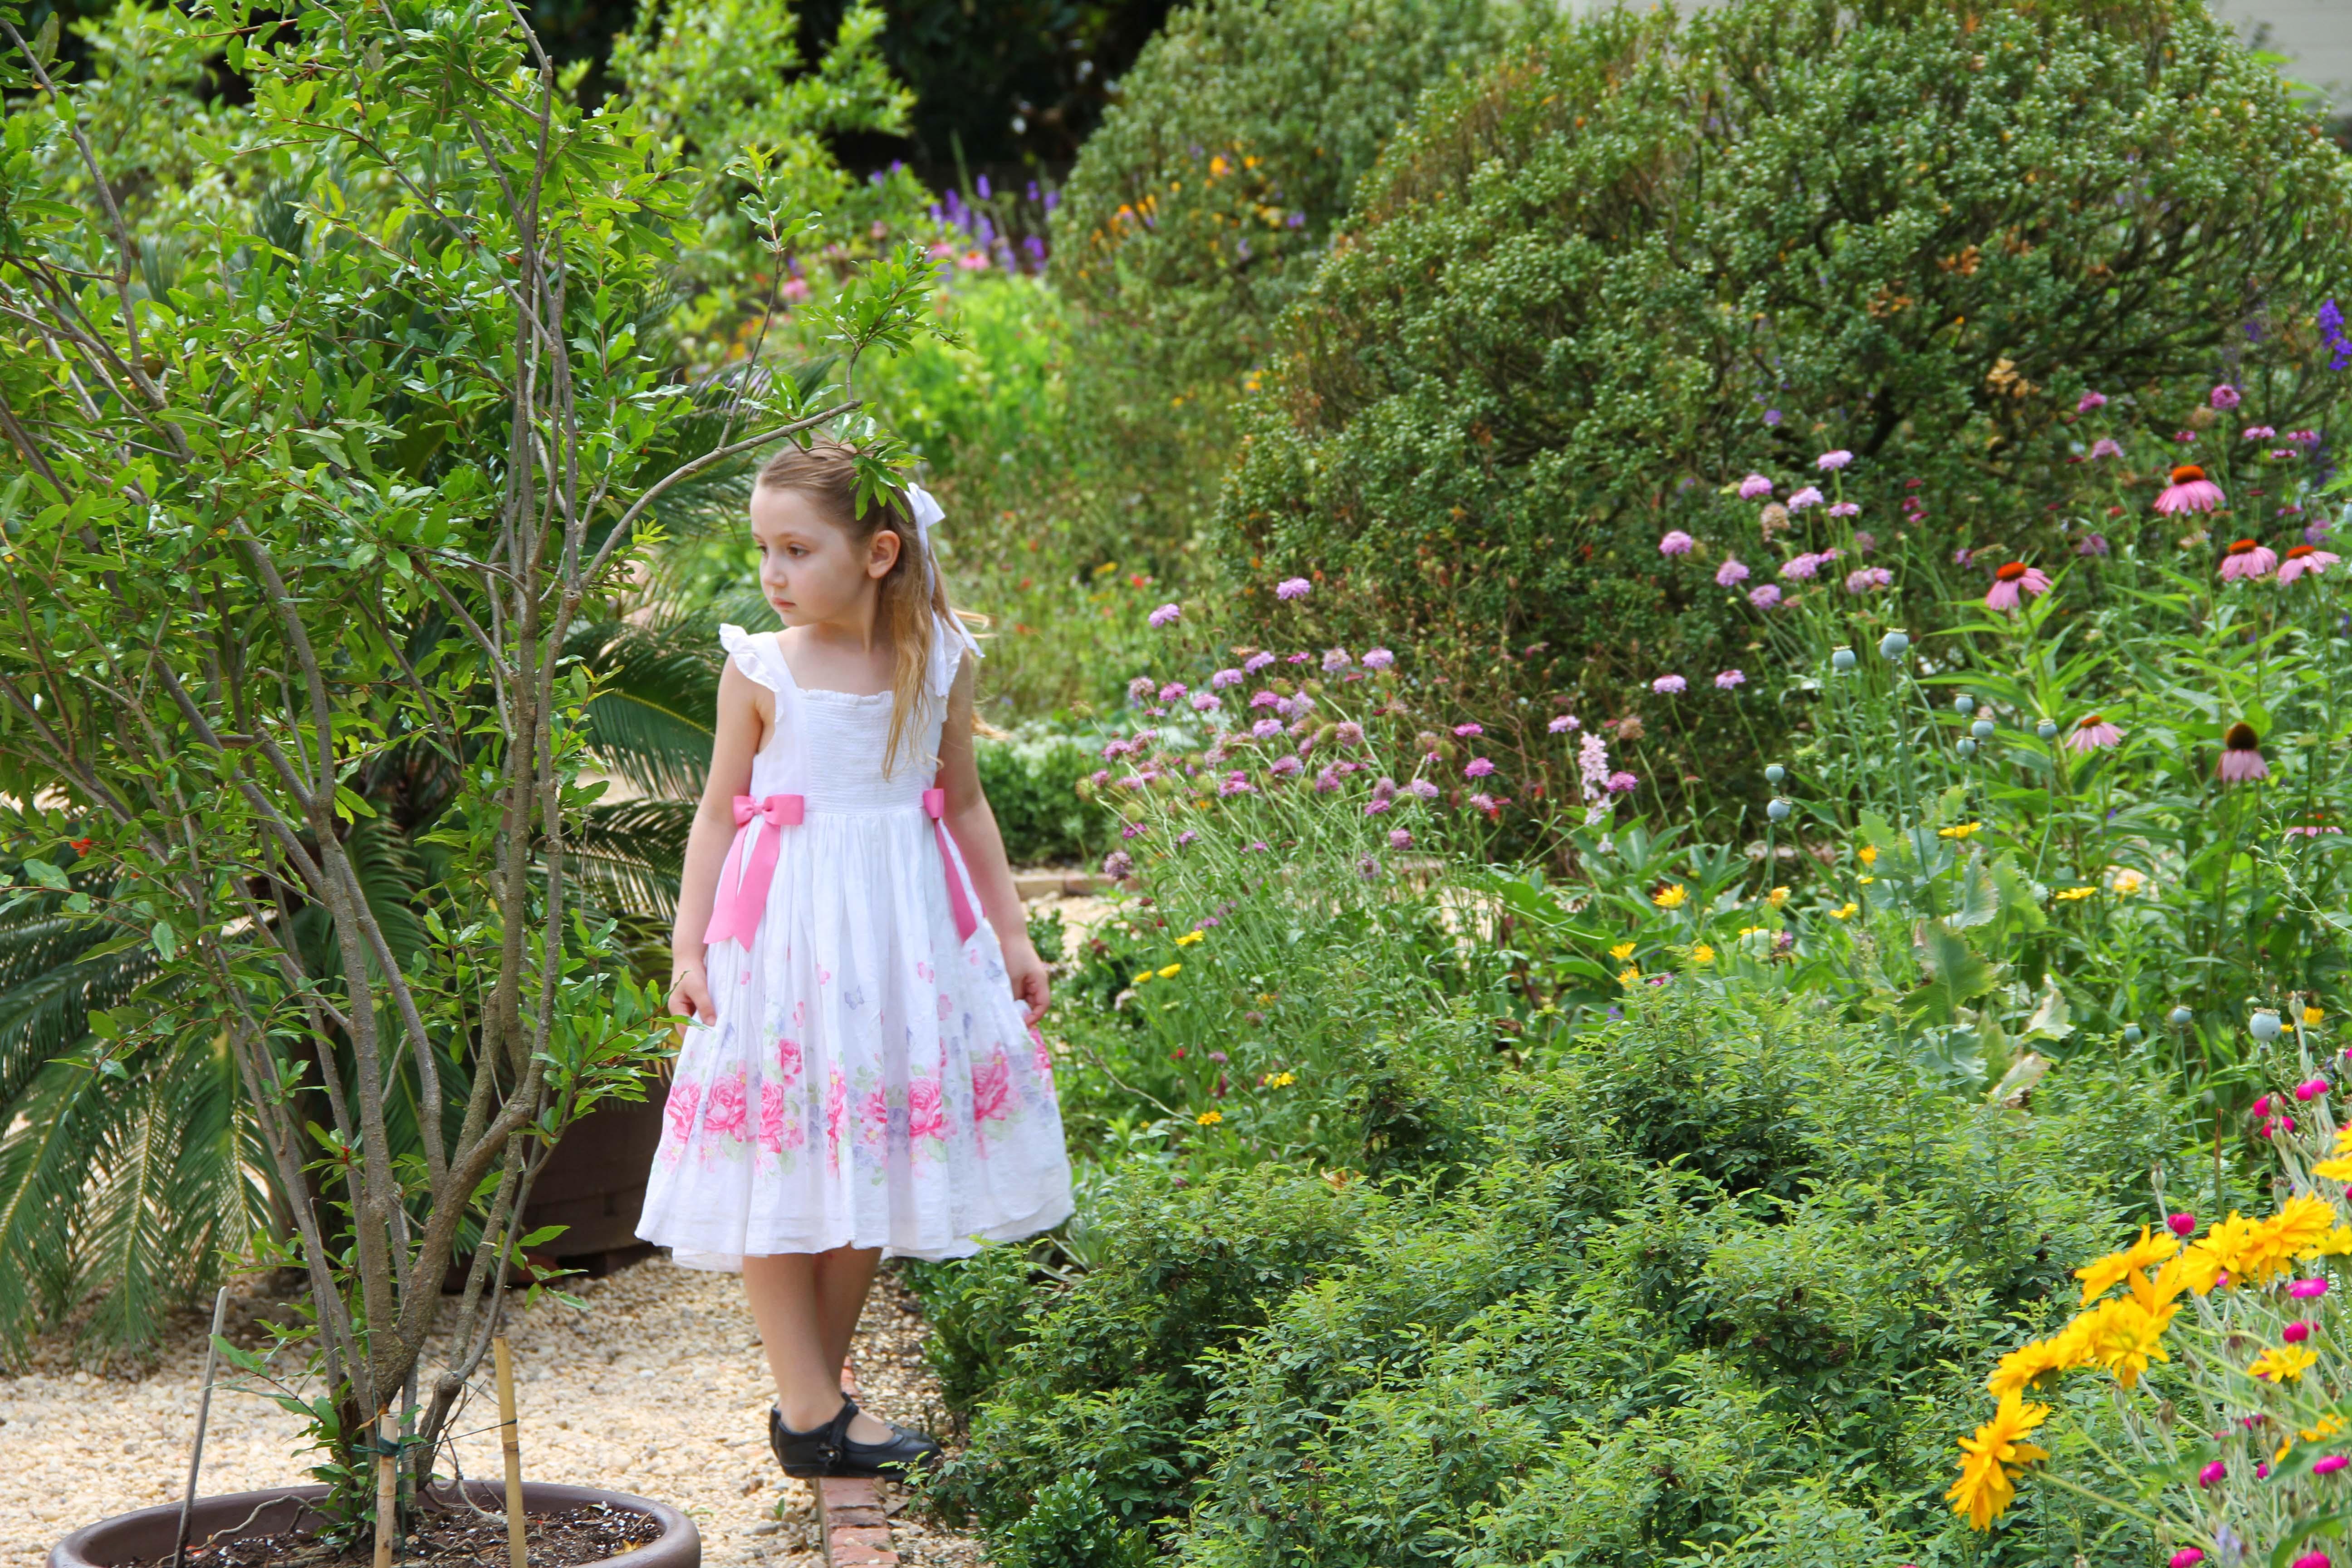 mount vernon garden 5